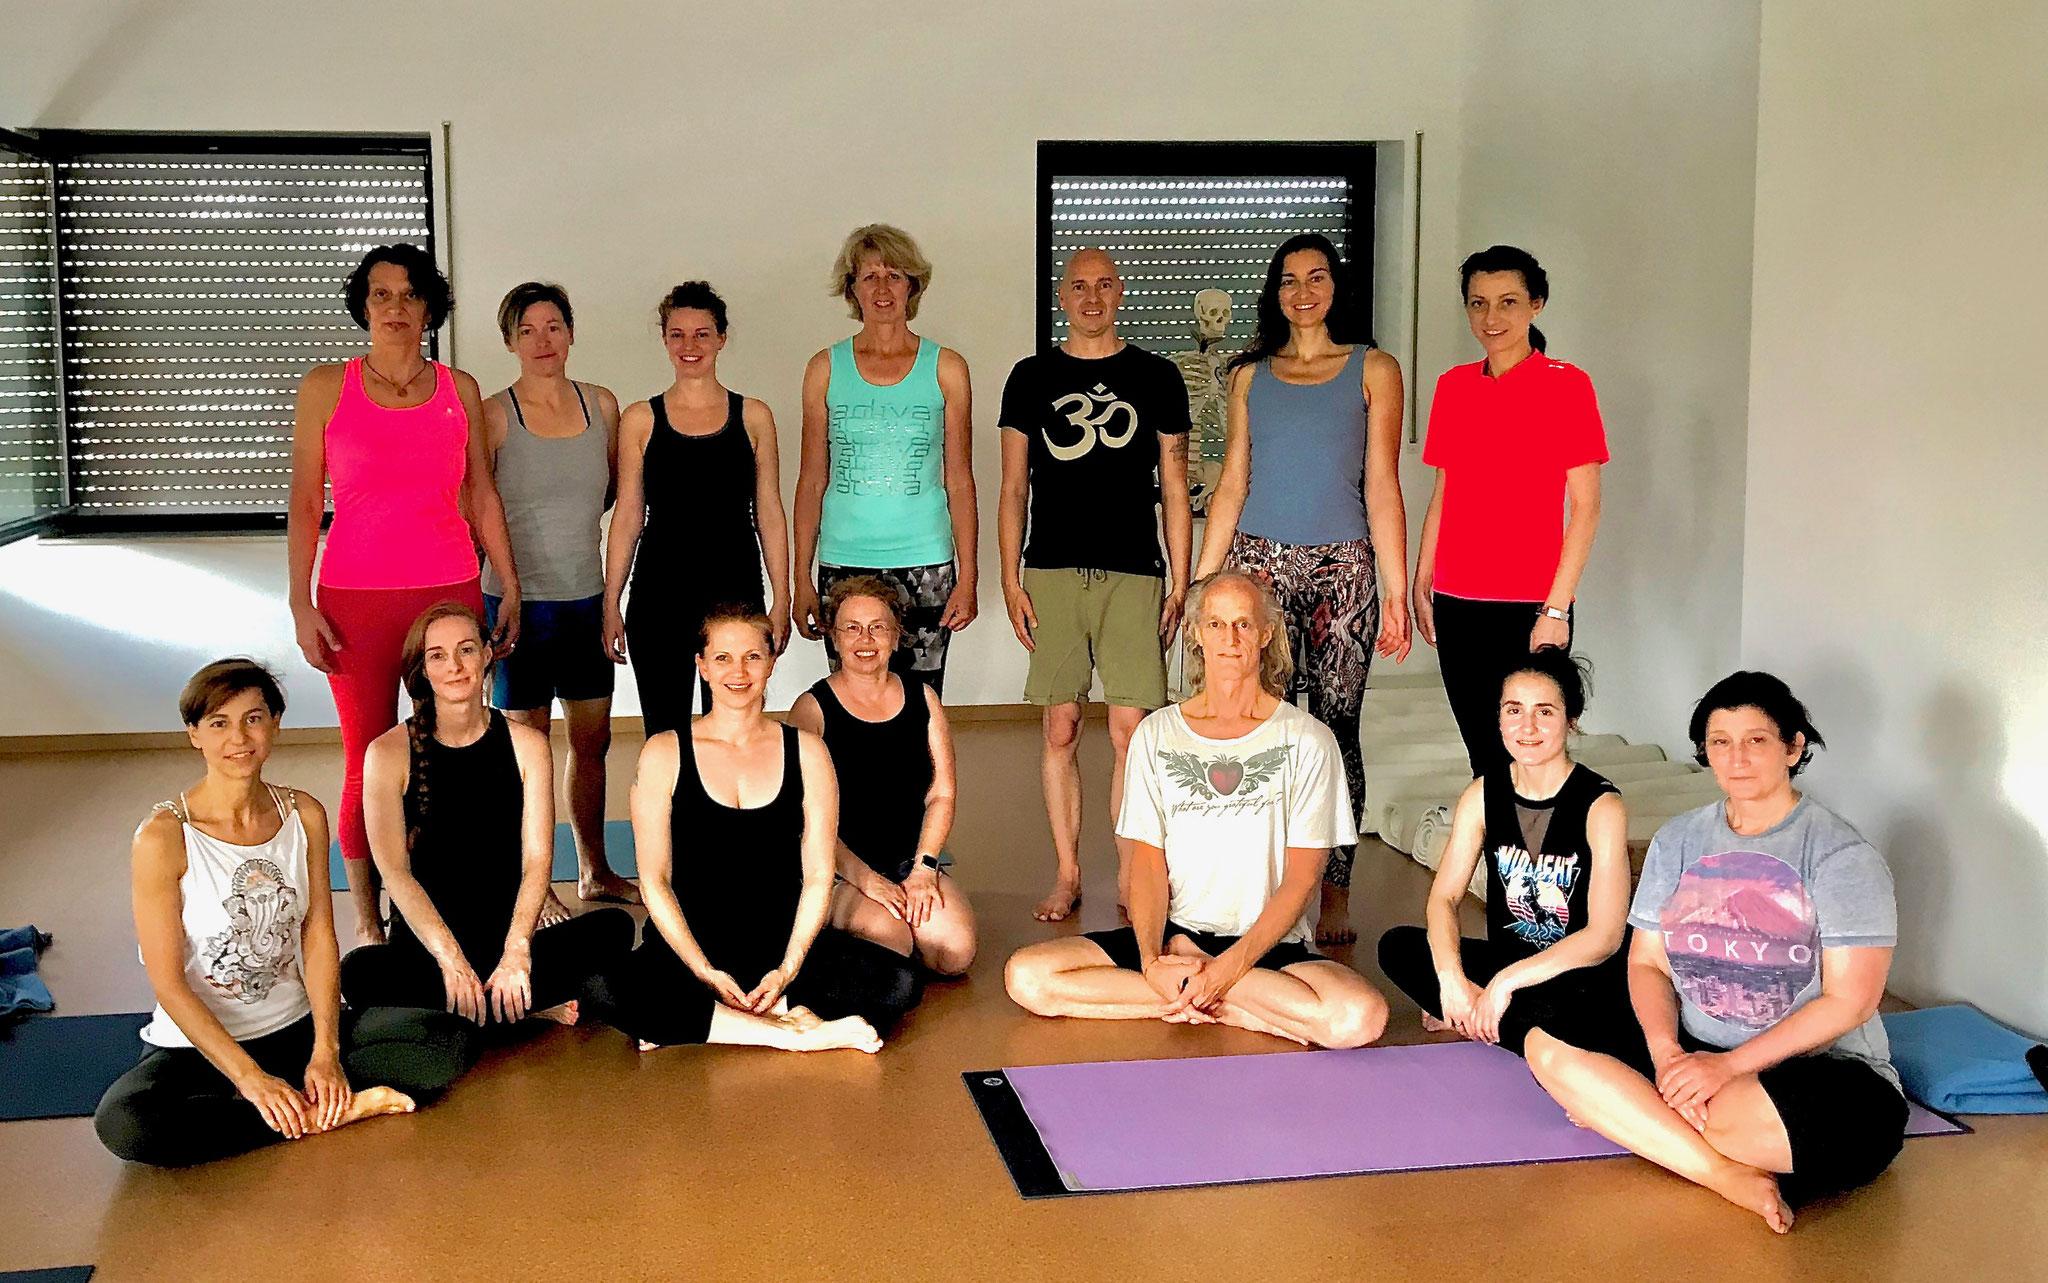 Chuck Miller bei Yamida - Yoga und Meditation in Lüdinghausen, Selm, Nordkirchen, Ascheberg, Cappenberg, Olfen, Senden